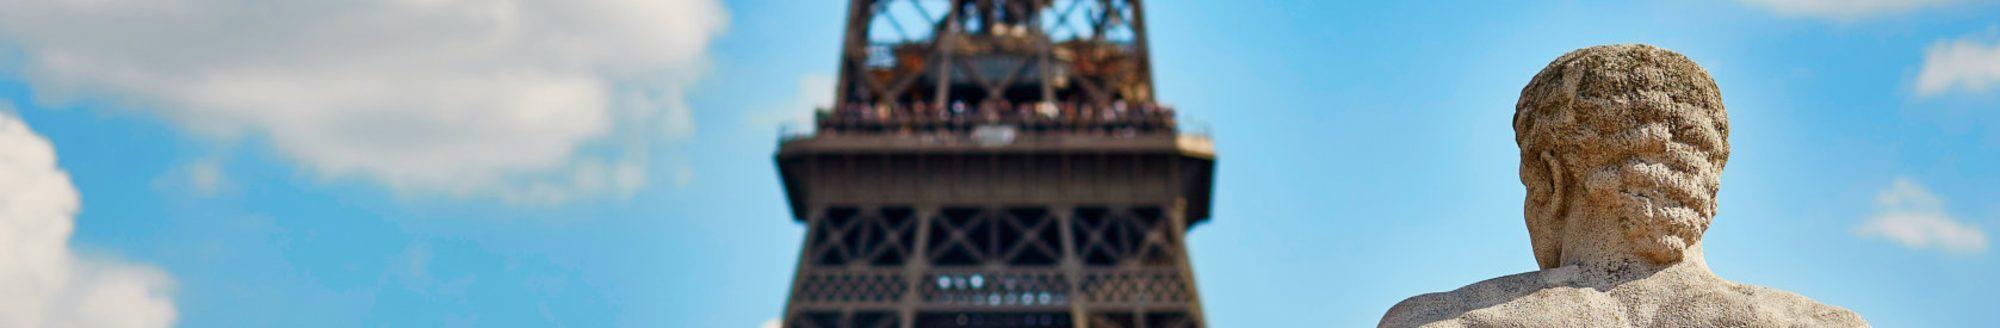 DIVENTA UN COLLABORATORE DI COME TO PARIS